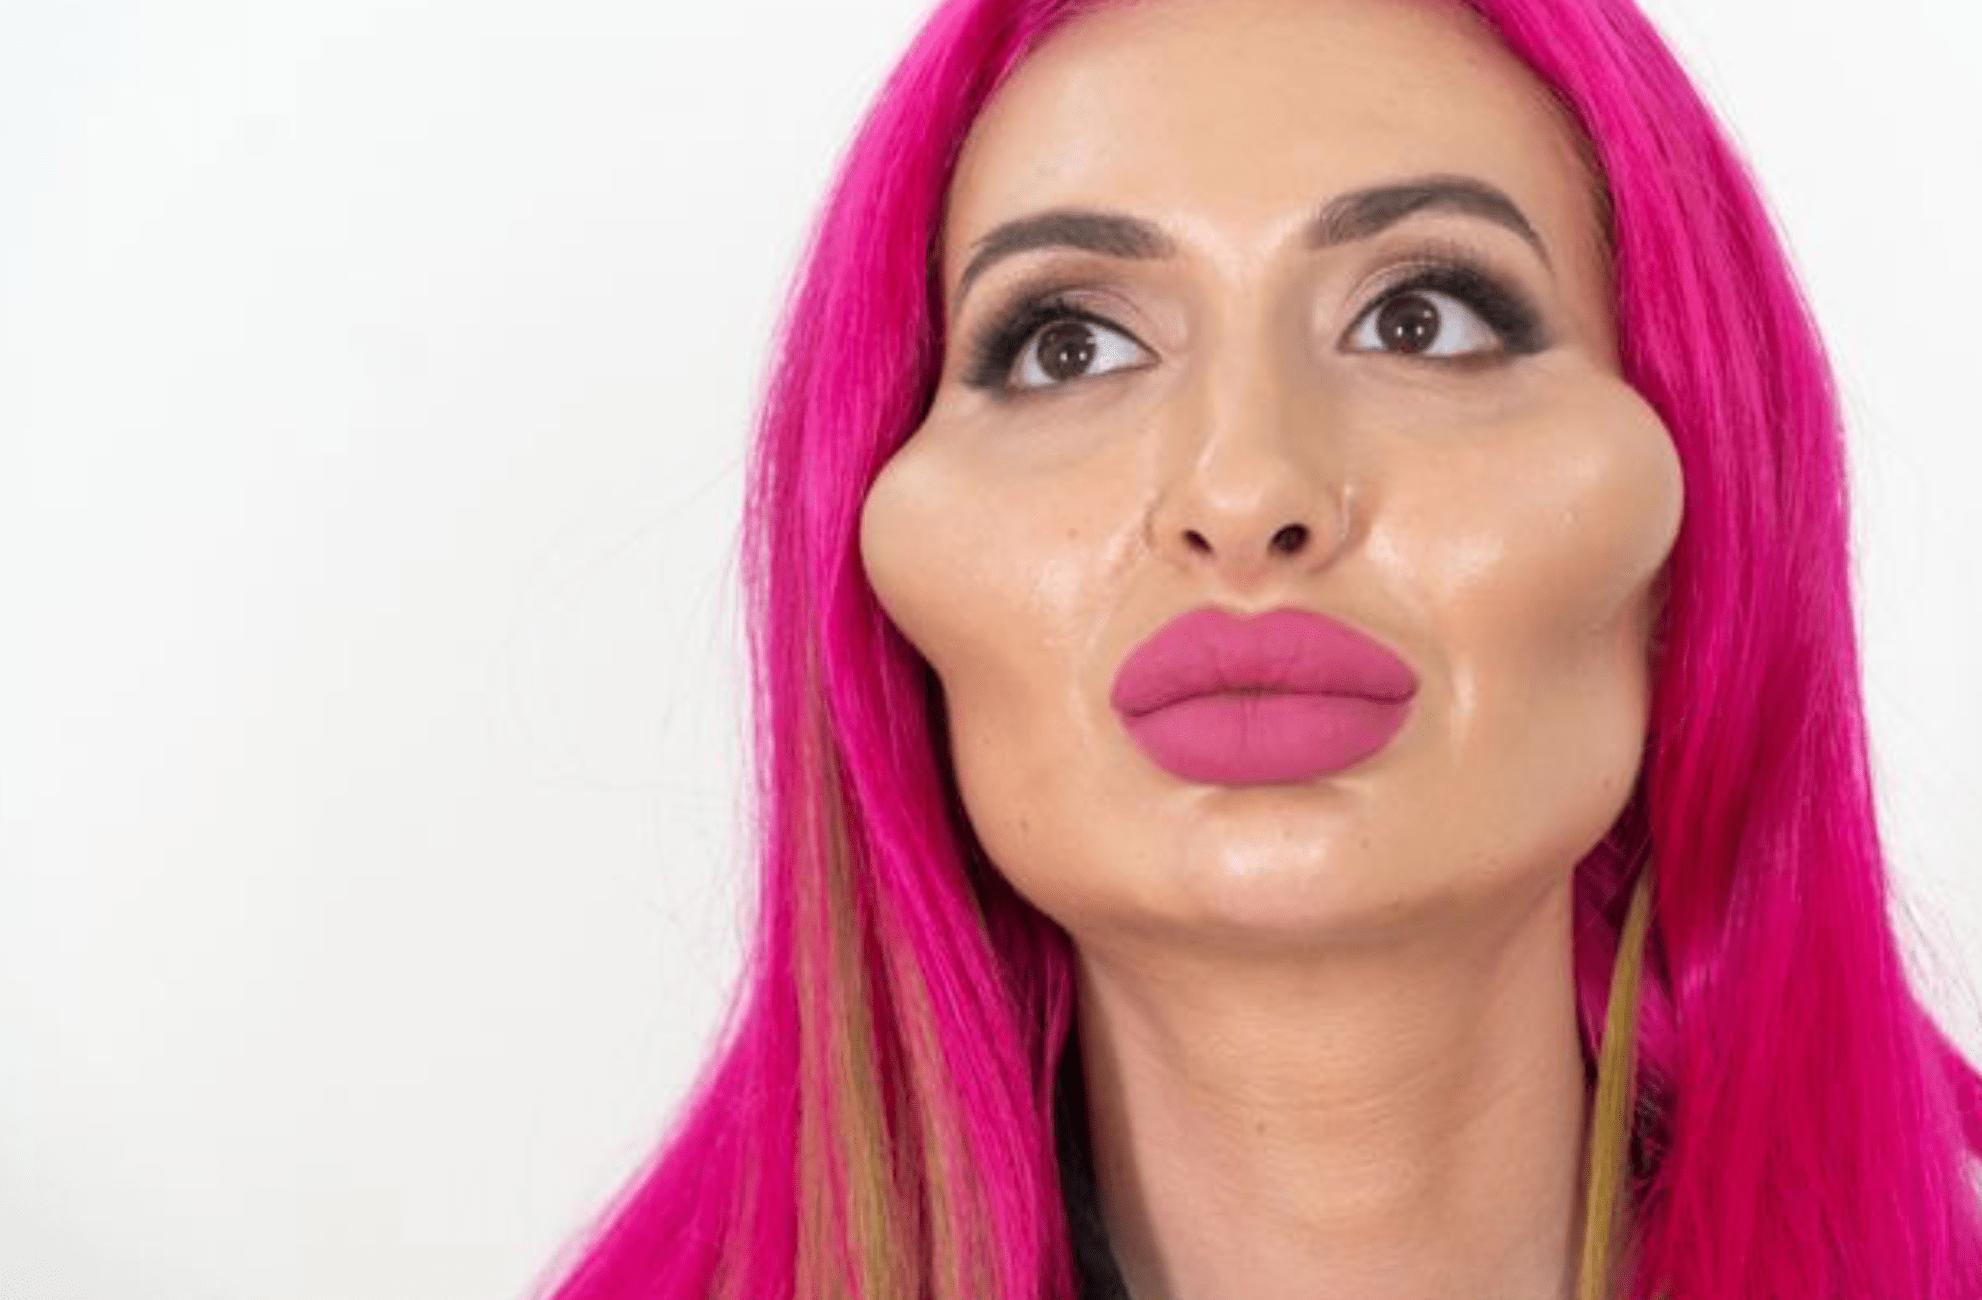 网红模特自称拥有世界最大脸颊 颧骨高到两侧有不自然隆起